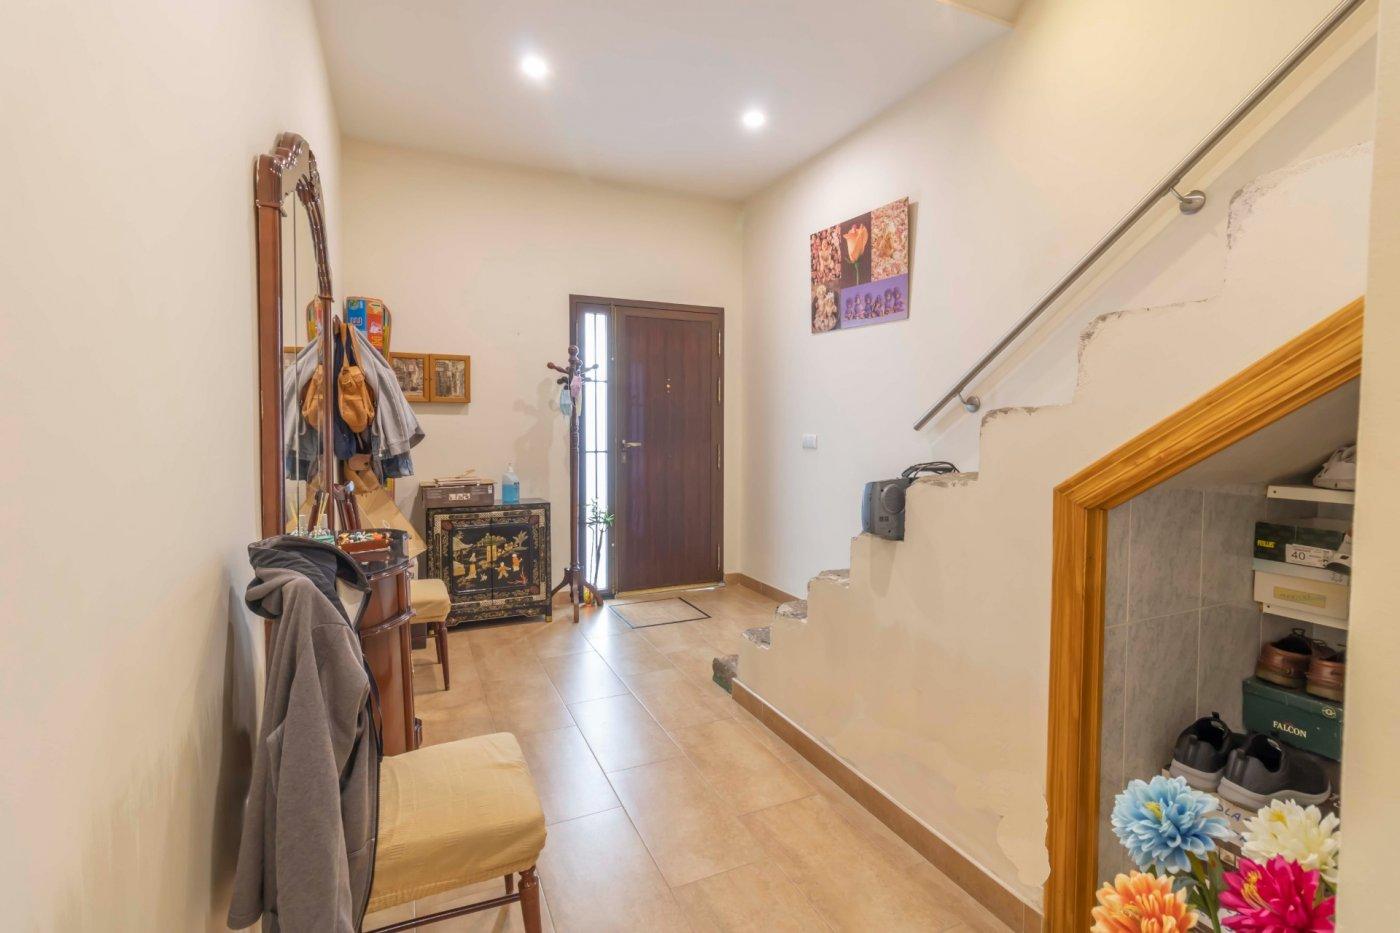 Casa a la venta en zona padre pÍo - imagenInmueble6